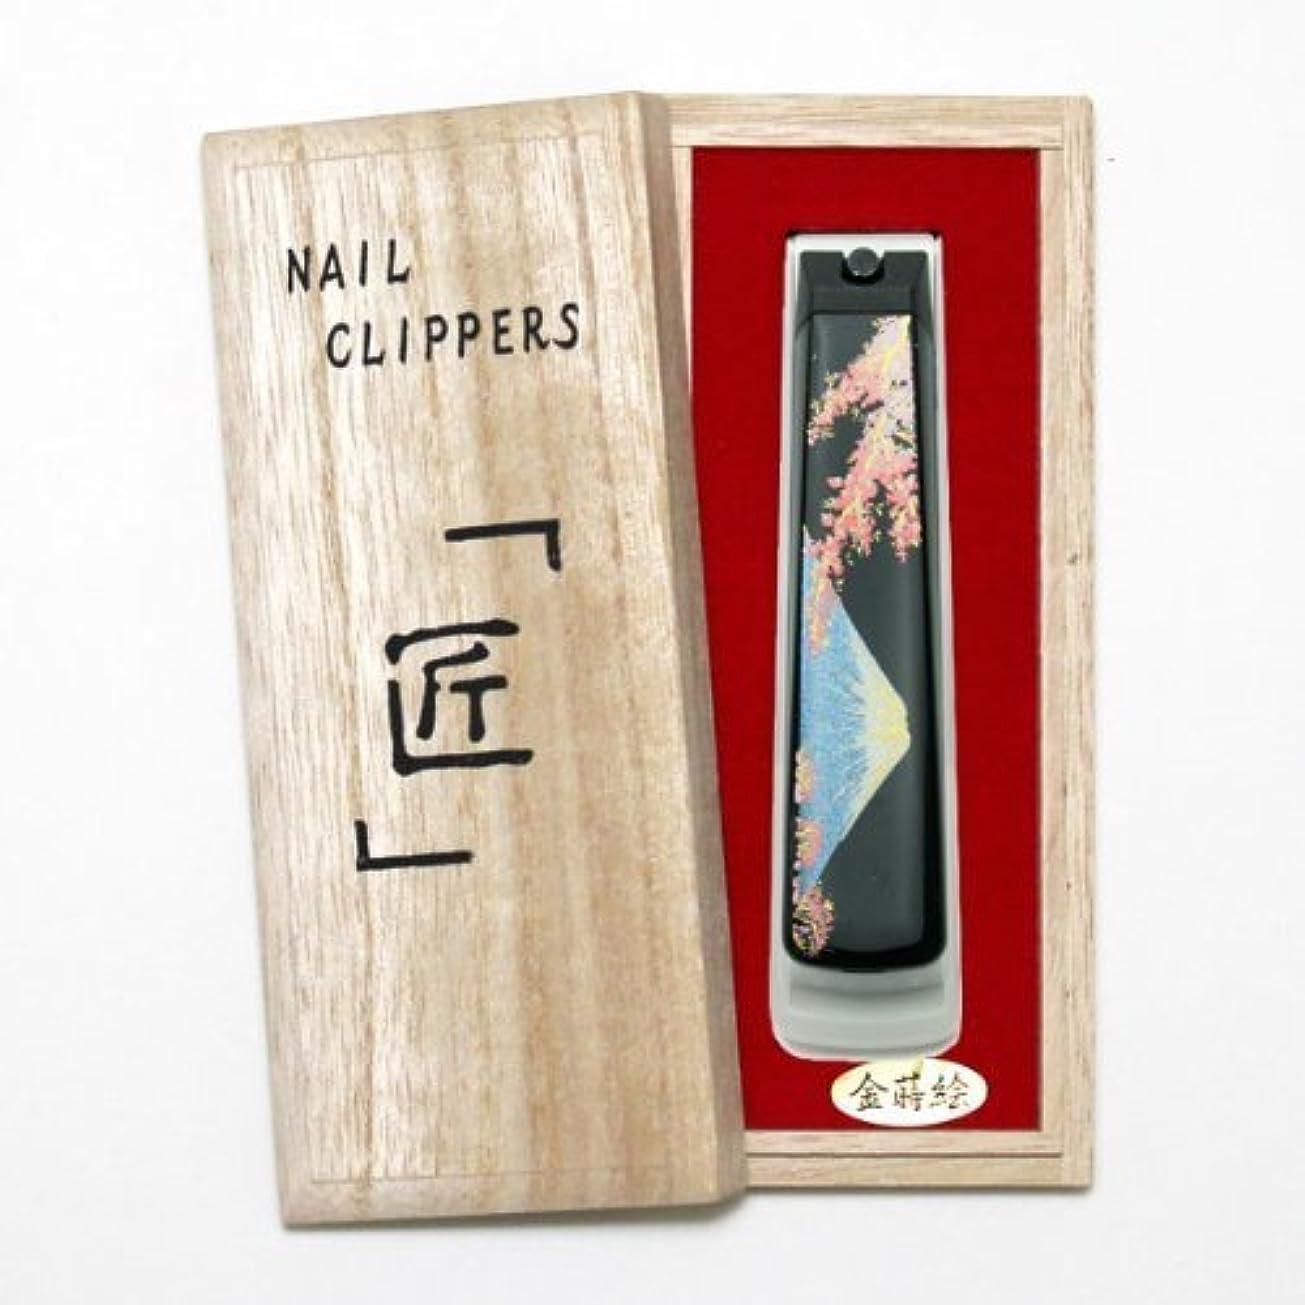 控える抜本的なアイザック橋本漆芸 蒔絵爪切り 富士に桜 桐箱